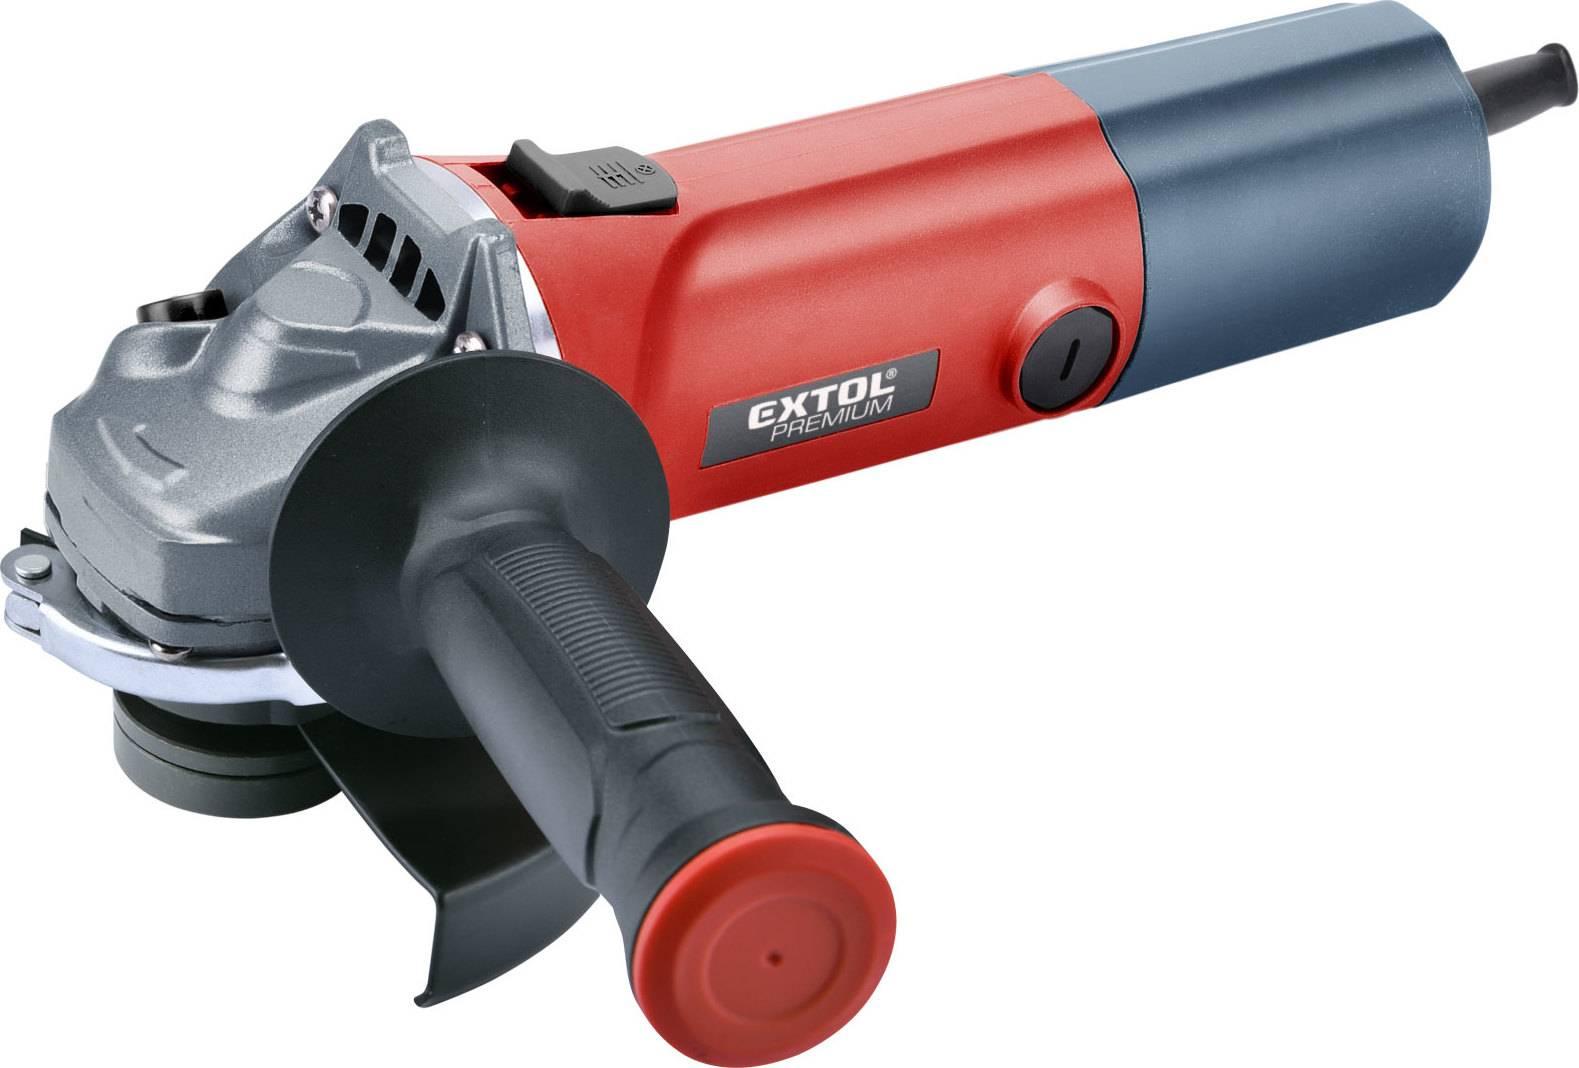 bruska úhlová s regulací rychlosti, 125mm, 850W 8892014 EXTOL PREMIUM